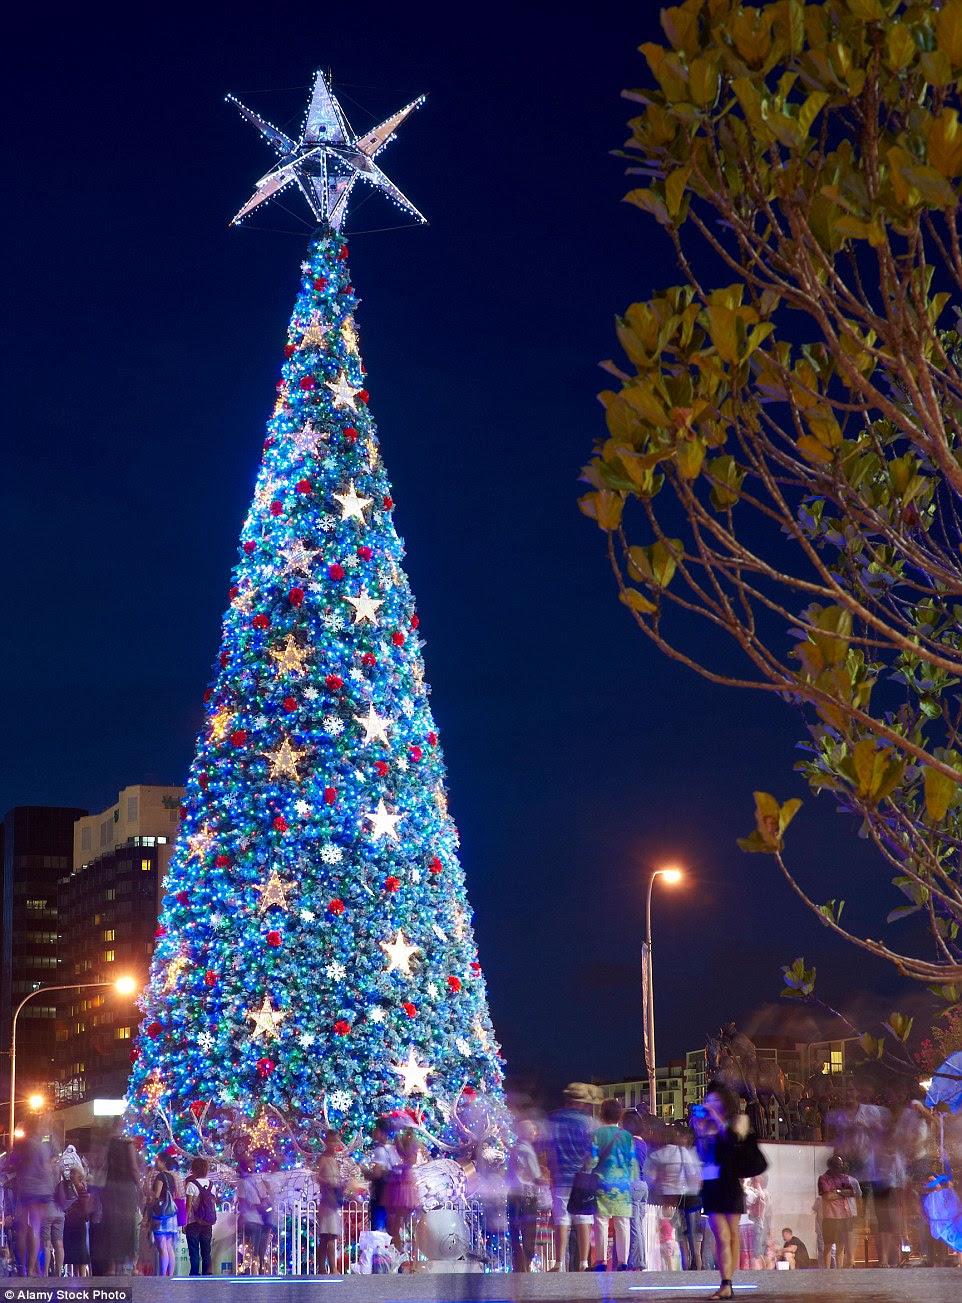 O maior dos mundos árvore de Natal movido a energia solar está orgulhosa dentro do rei George Square, em Brisbane, Austrália, e é um local popular para os moradores e turistas